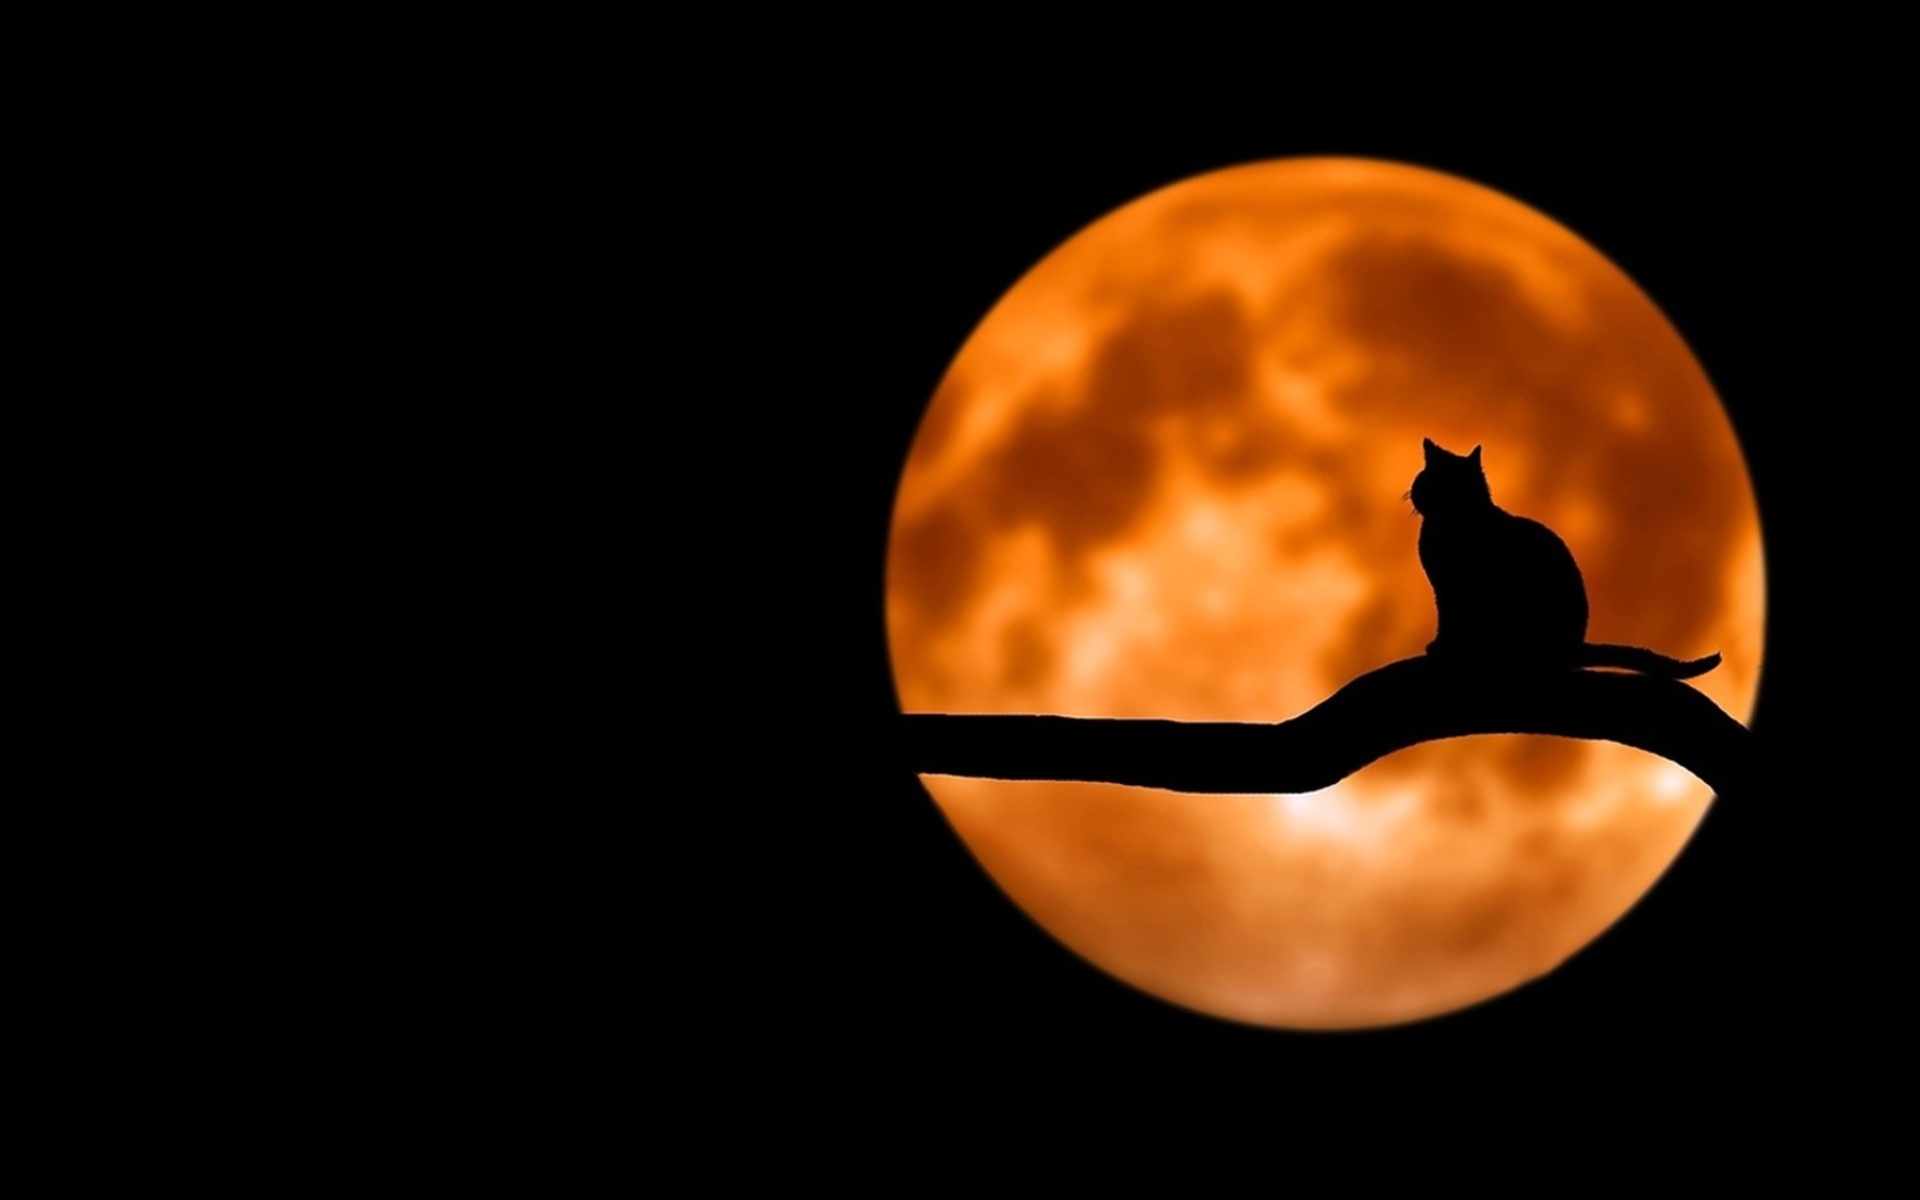 животные на фоне луны картинки